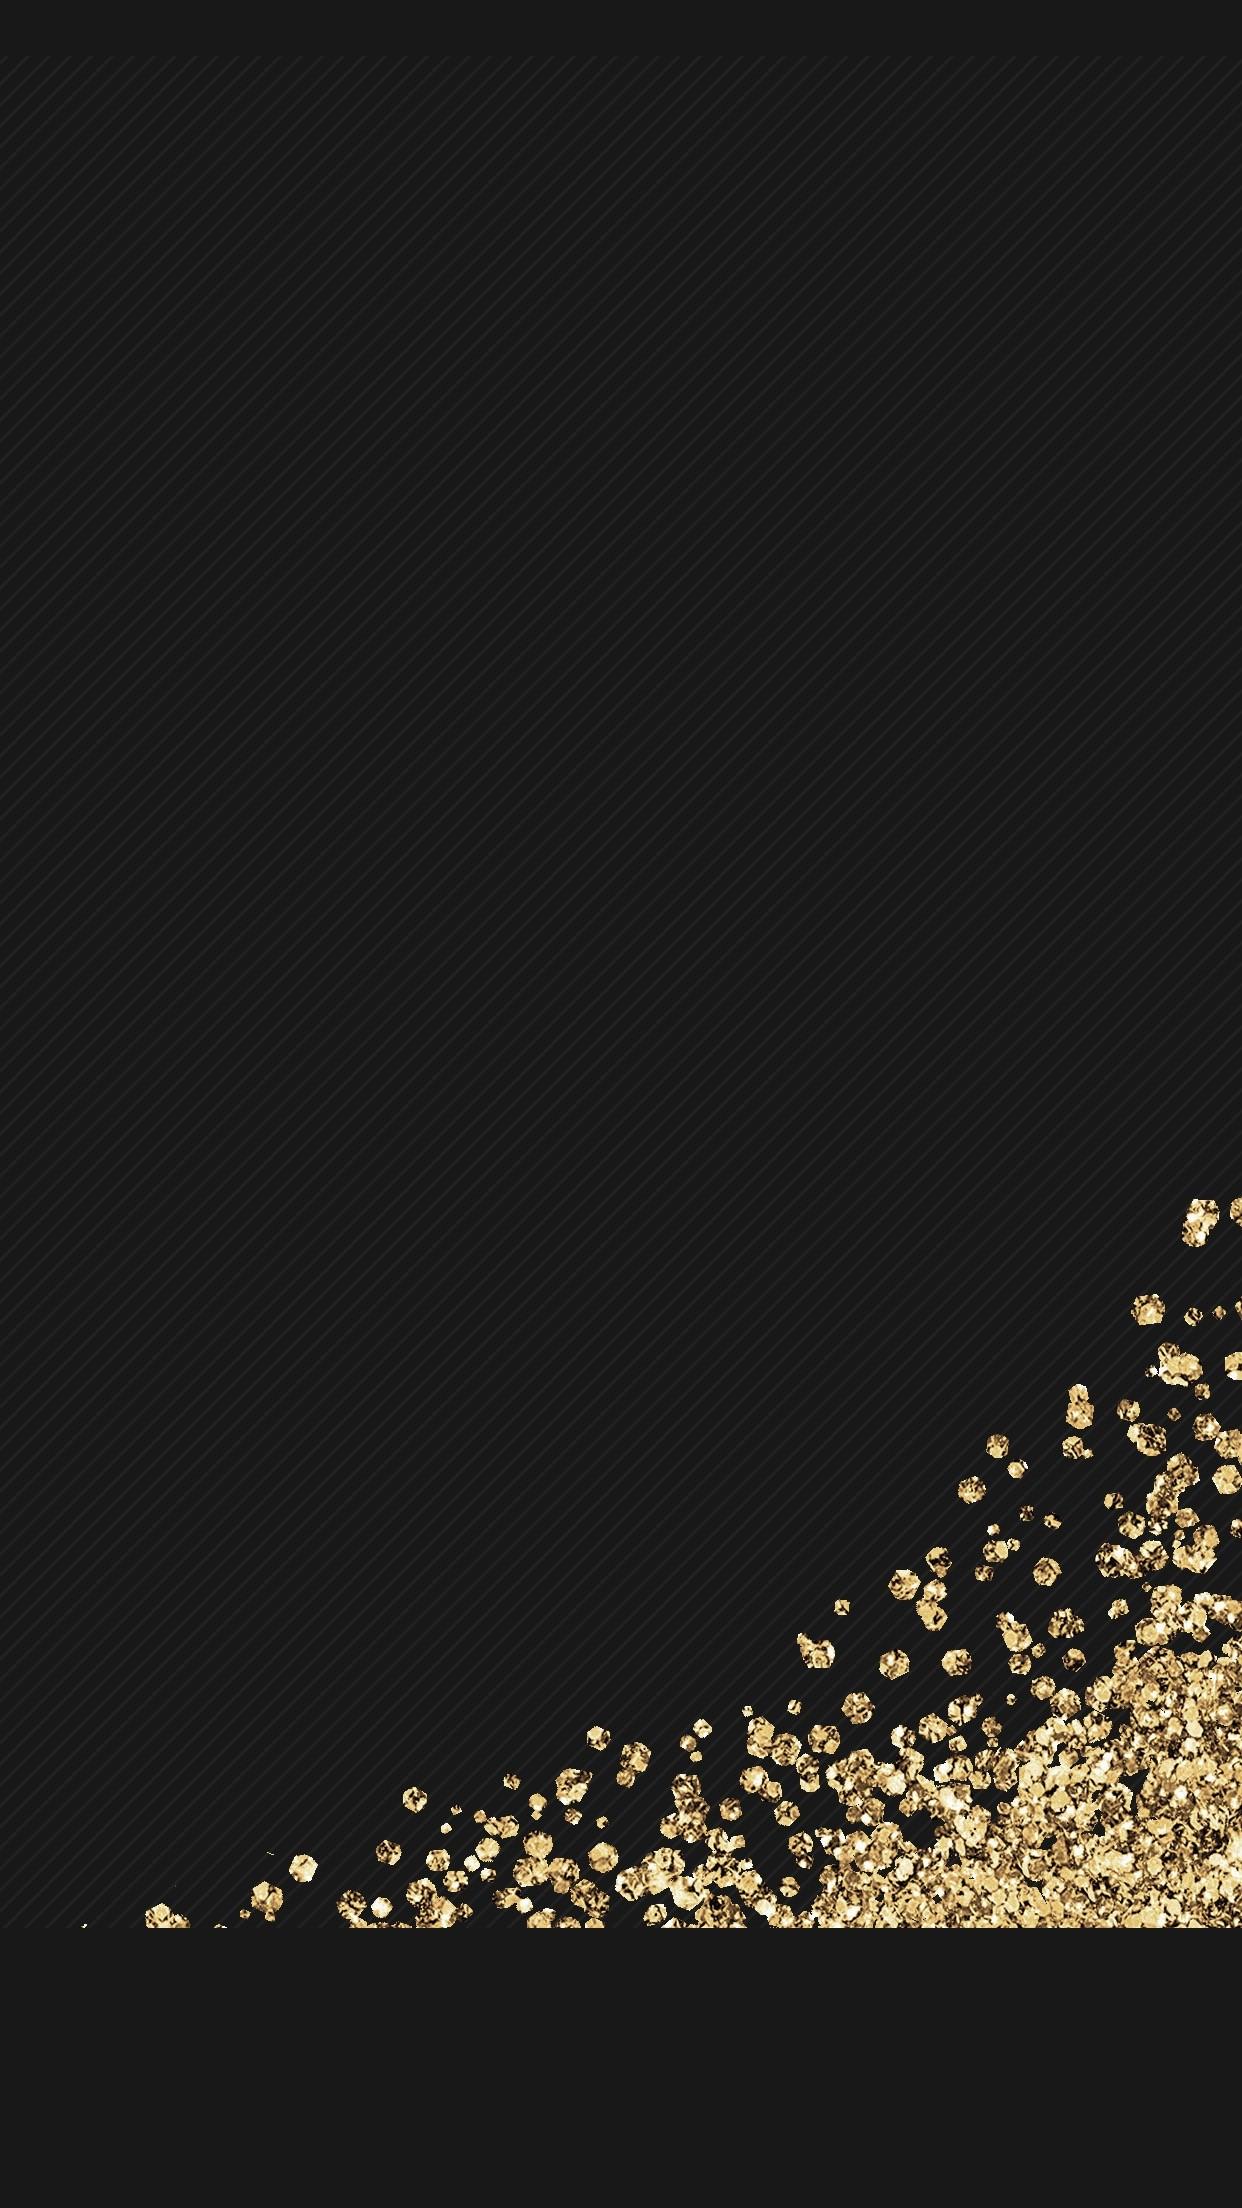 1920x1200 Gold Glitter Wallpaper HD Free Download